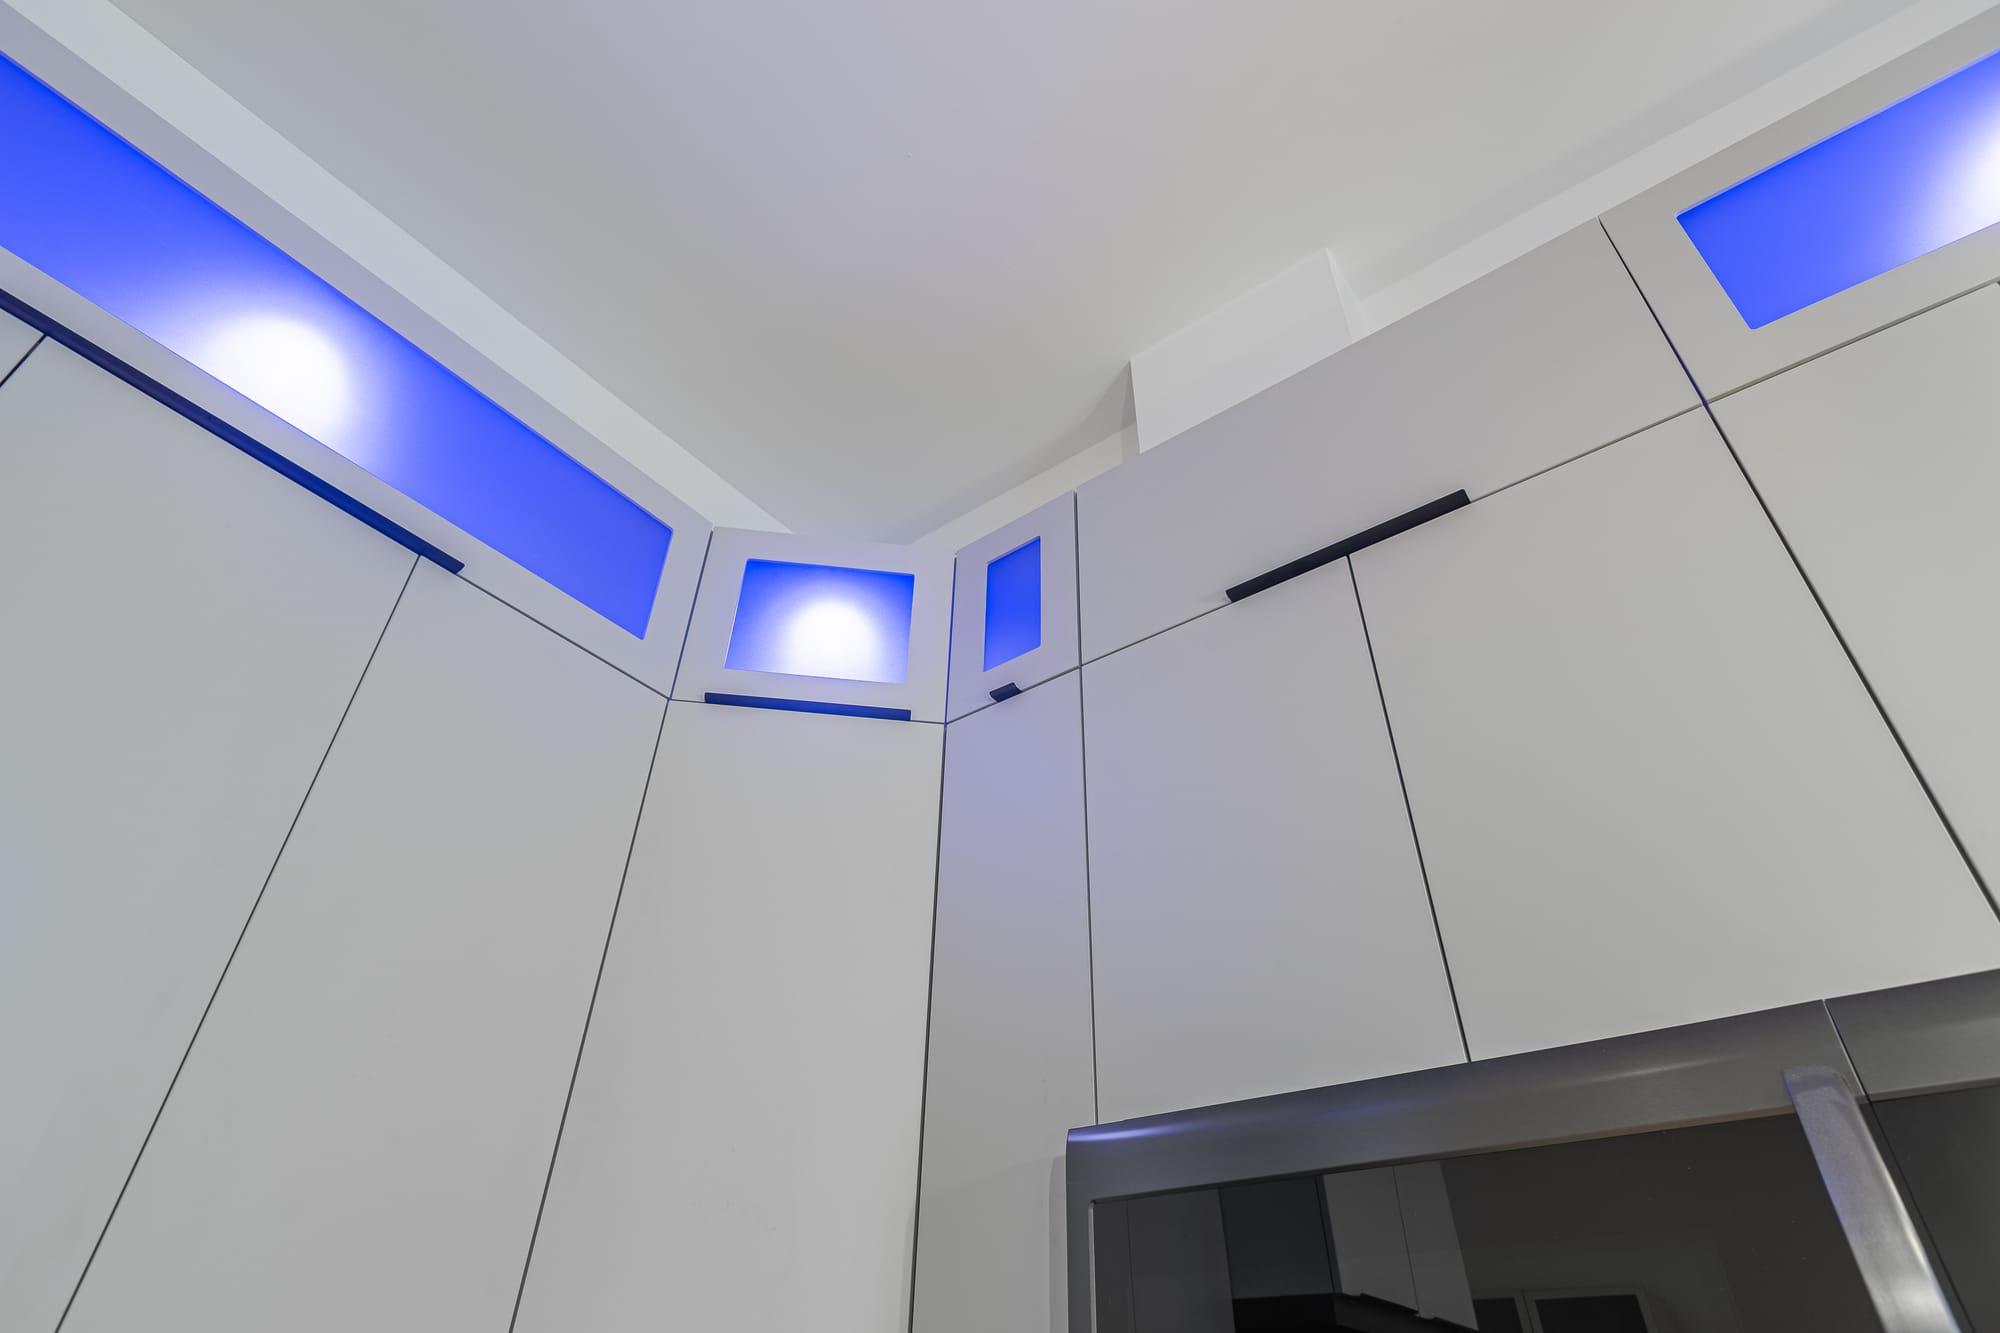 armoires de cuisine moderne blanches avec panneaux vitrés dans le haut et éclairage bleu